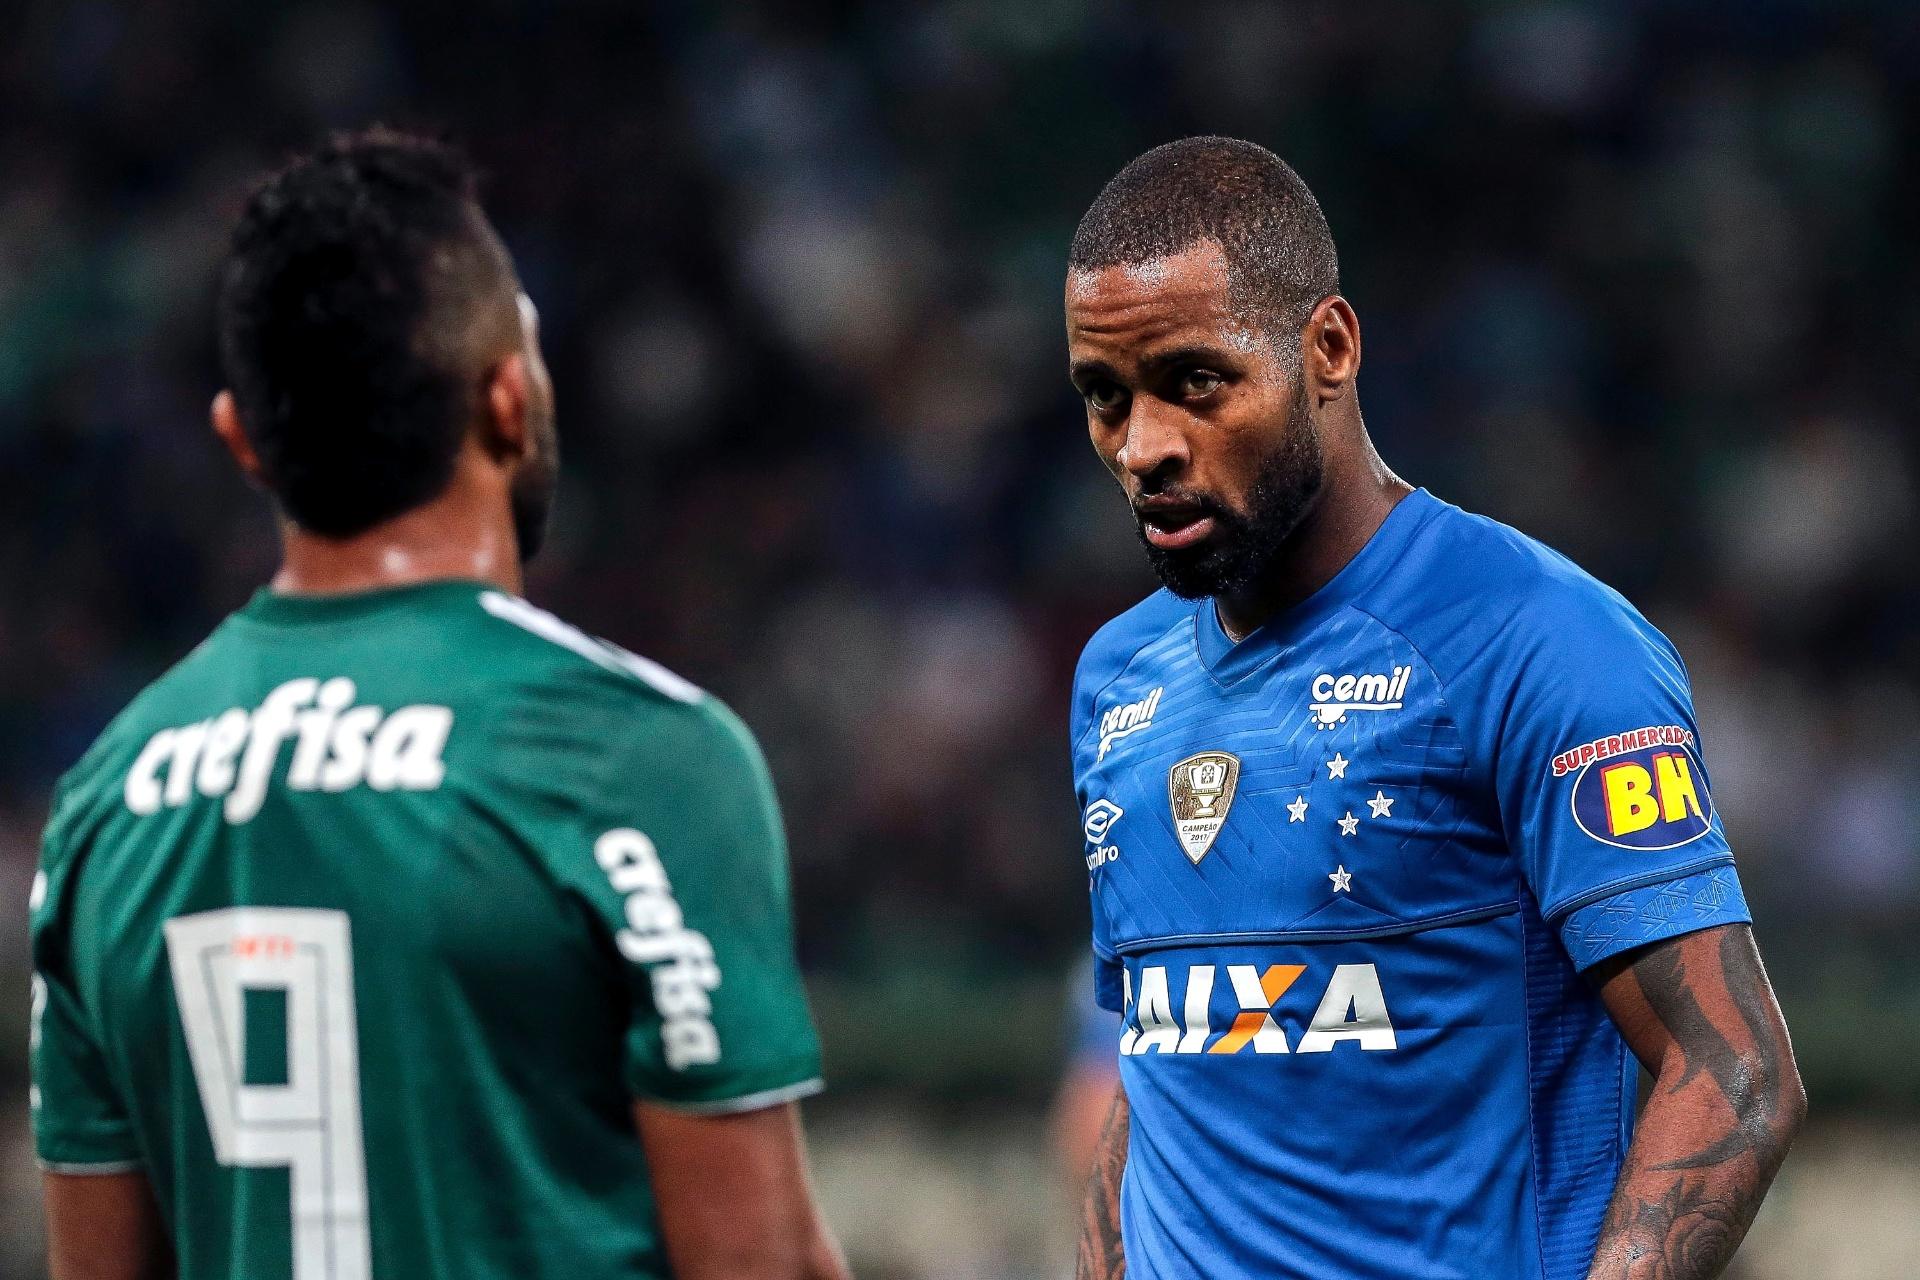 ec86dc790b Fla se acerta com o Cruzeiro e desiste de Dedé após compra de Arrascaeta -  09 01 2019 - UOL Esporte